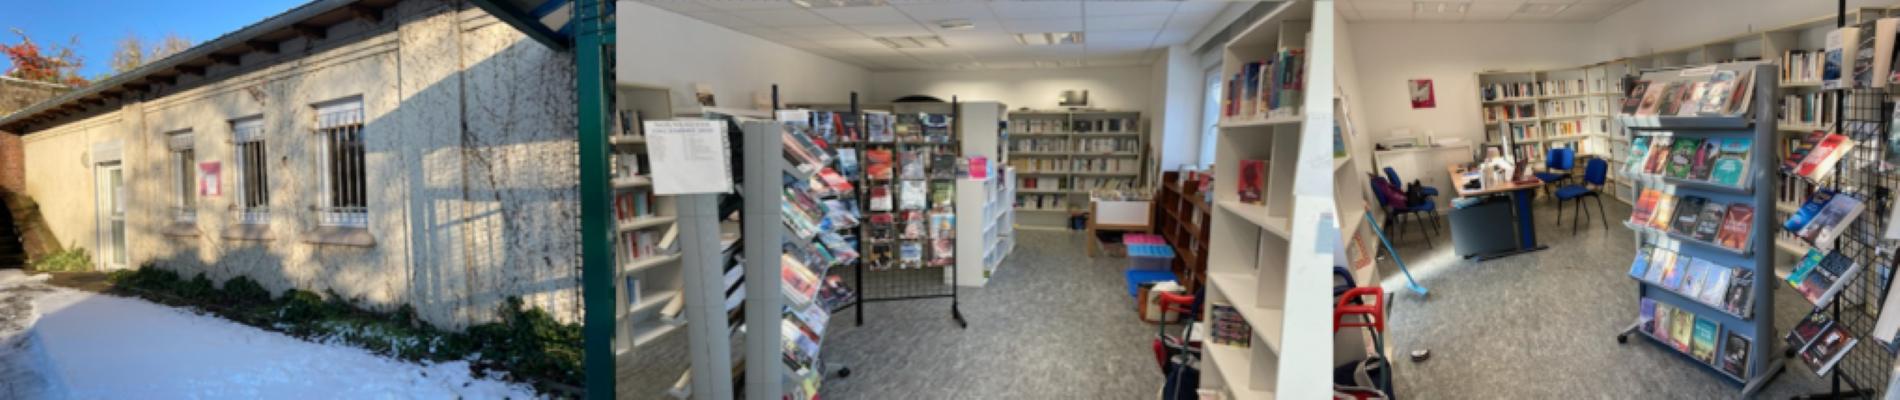 Bibliothèque pour tous Freyming Merlebach